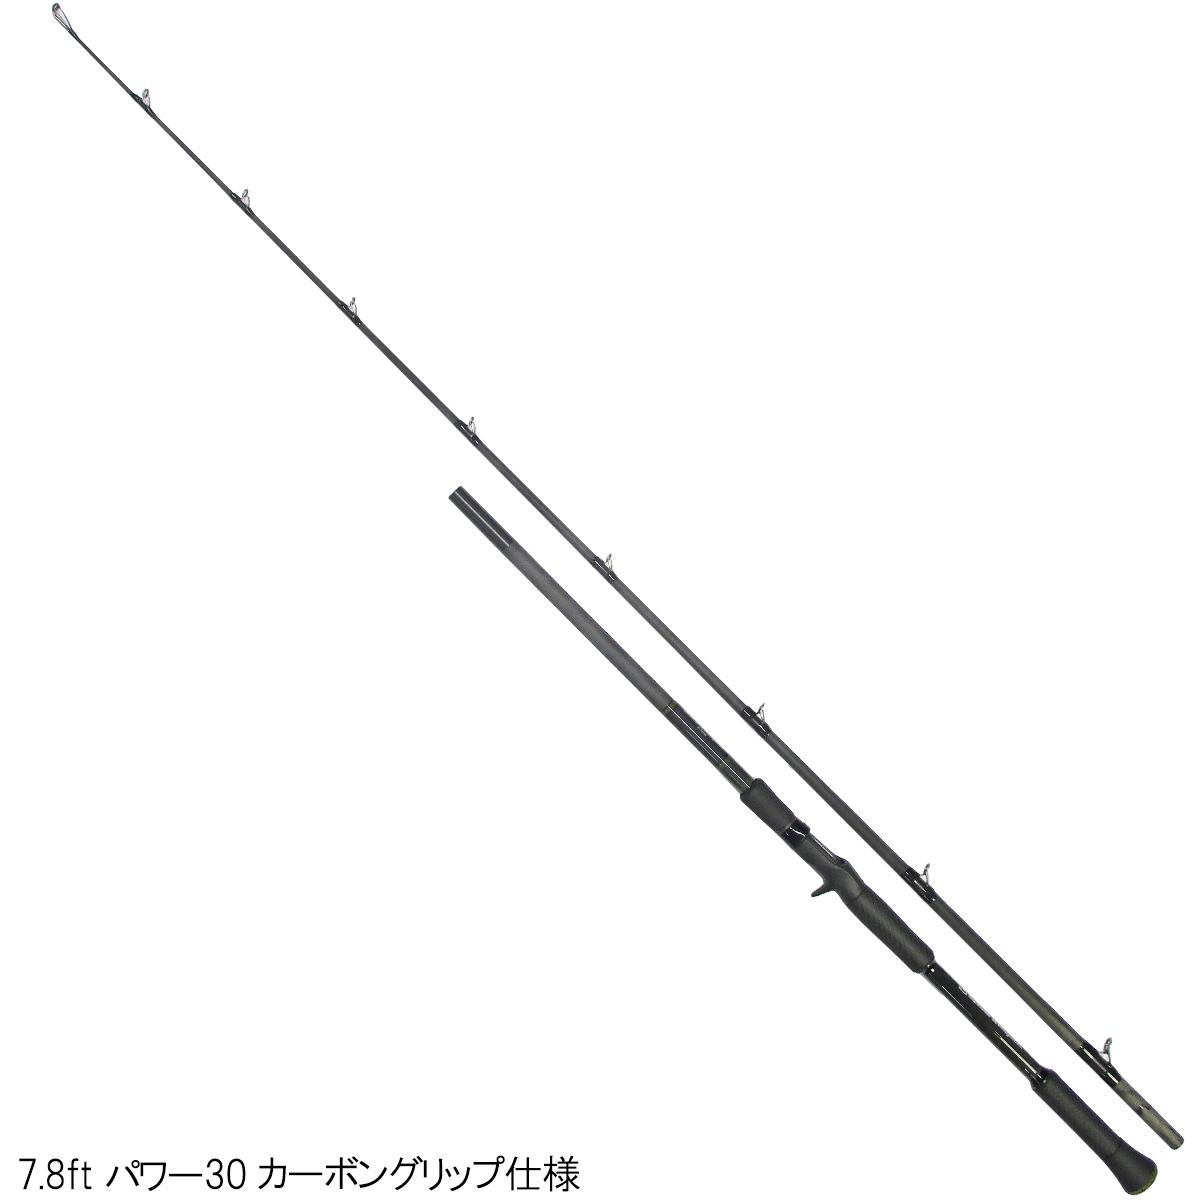 FTB 7.8ft パワー30 カーボングリップ仕様【大型商品】(東日本店)